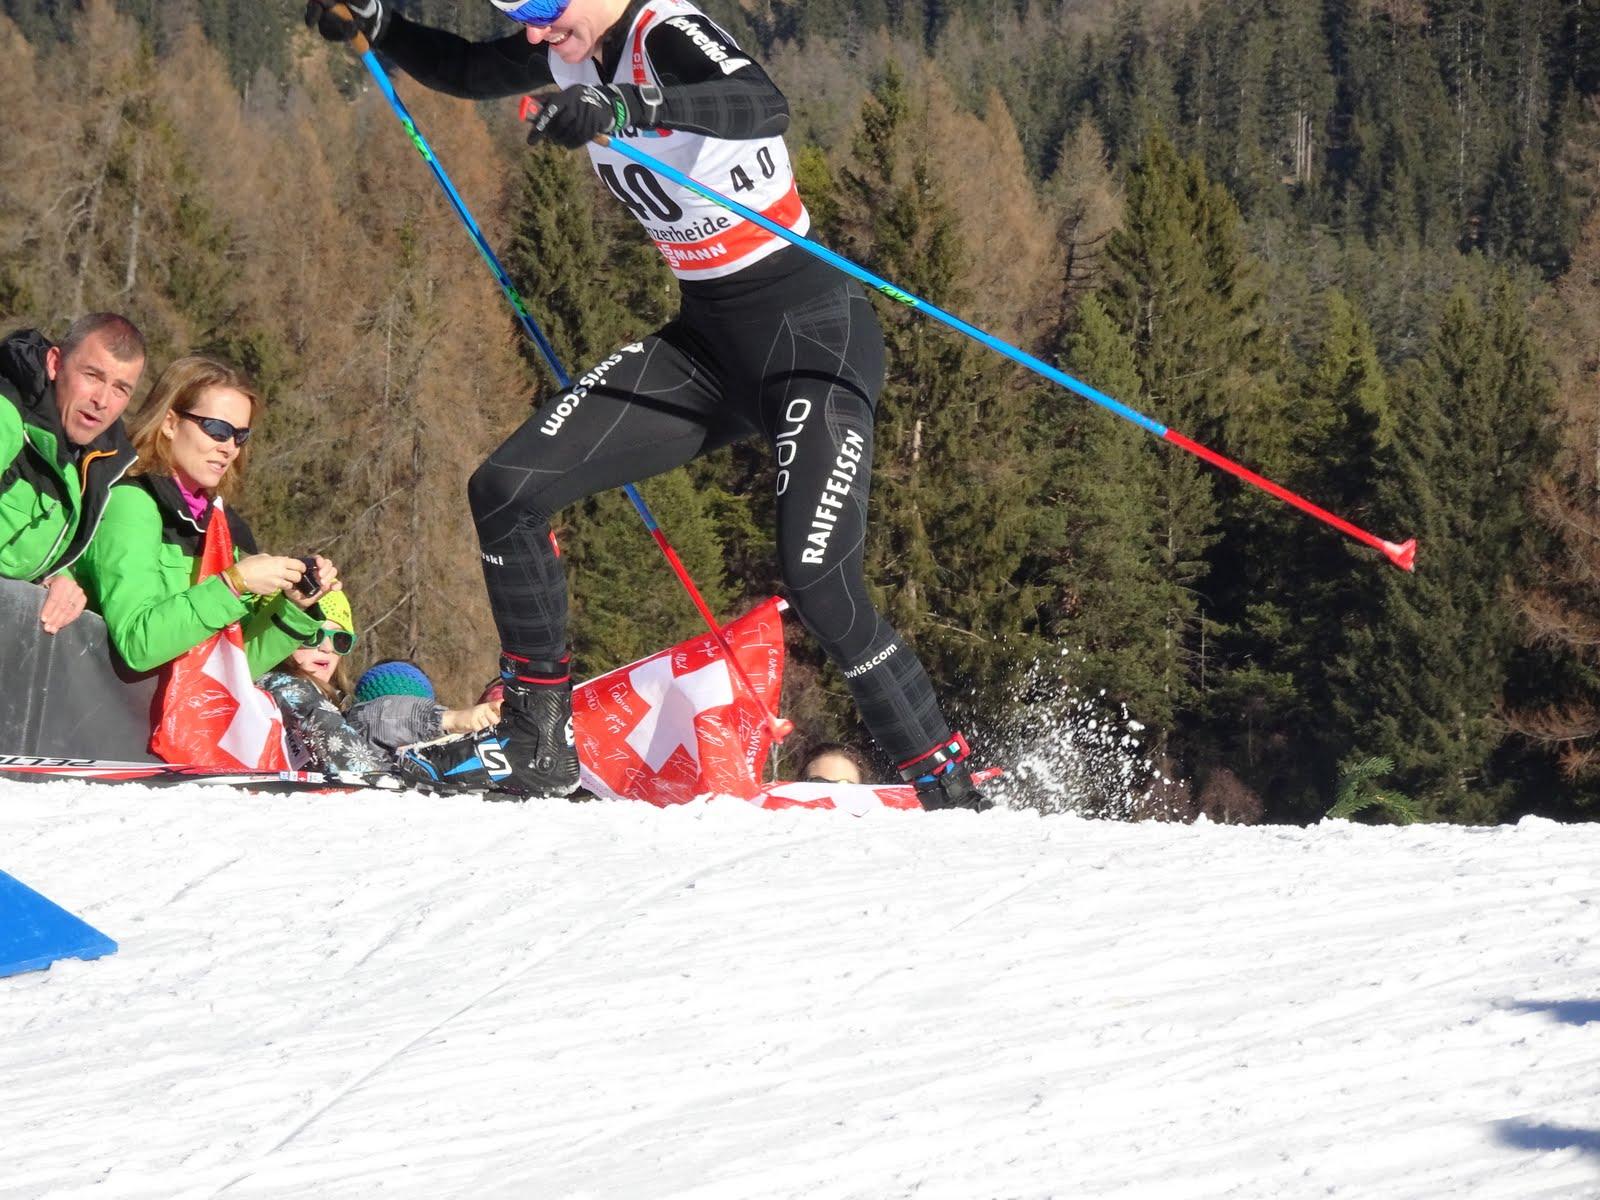 2016-01-01 Tour de Ski - Lenzerheide